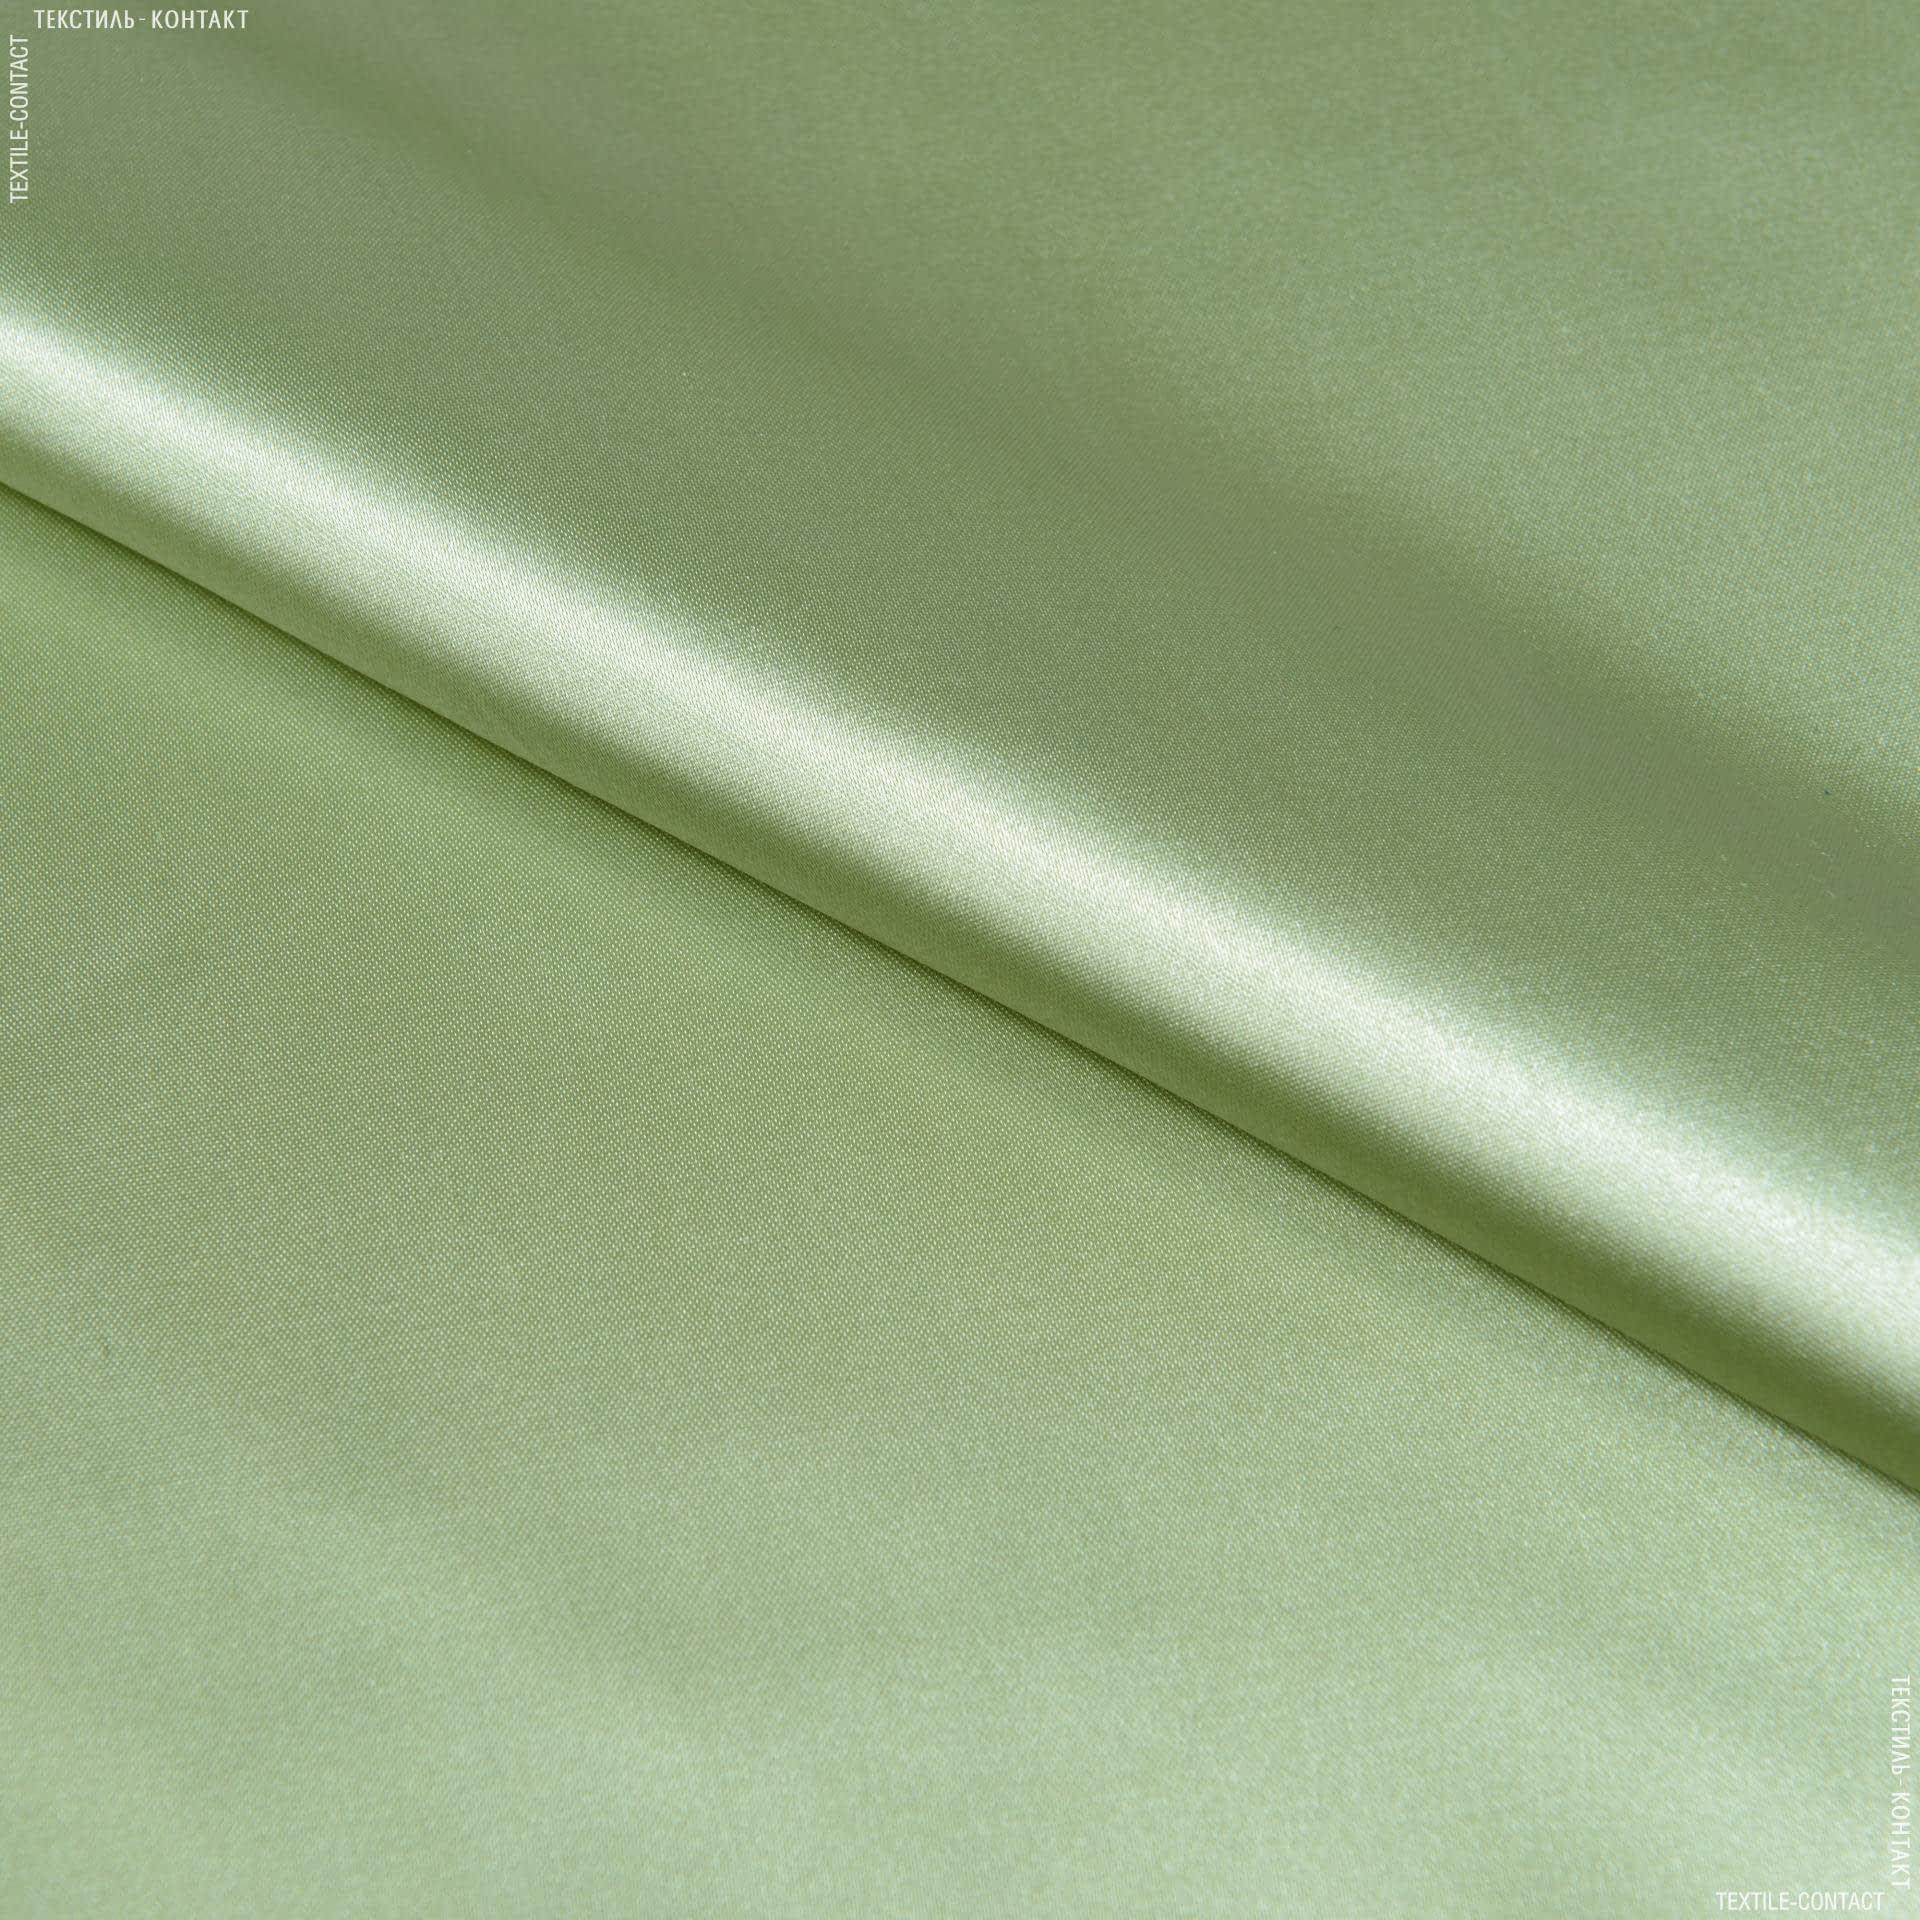 Тканини для костюмів - Атлас щільний оливковий